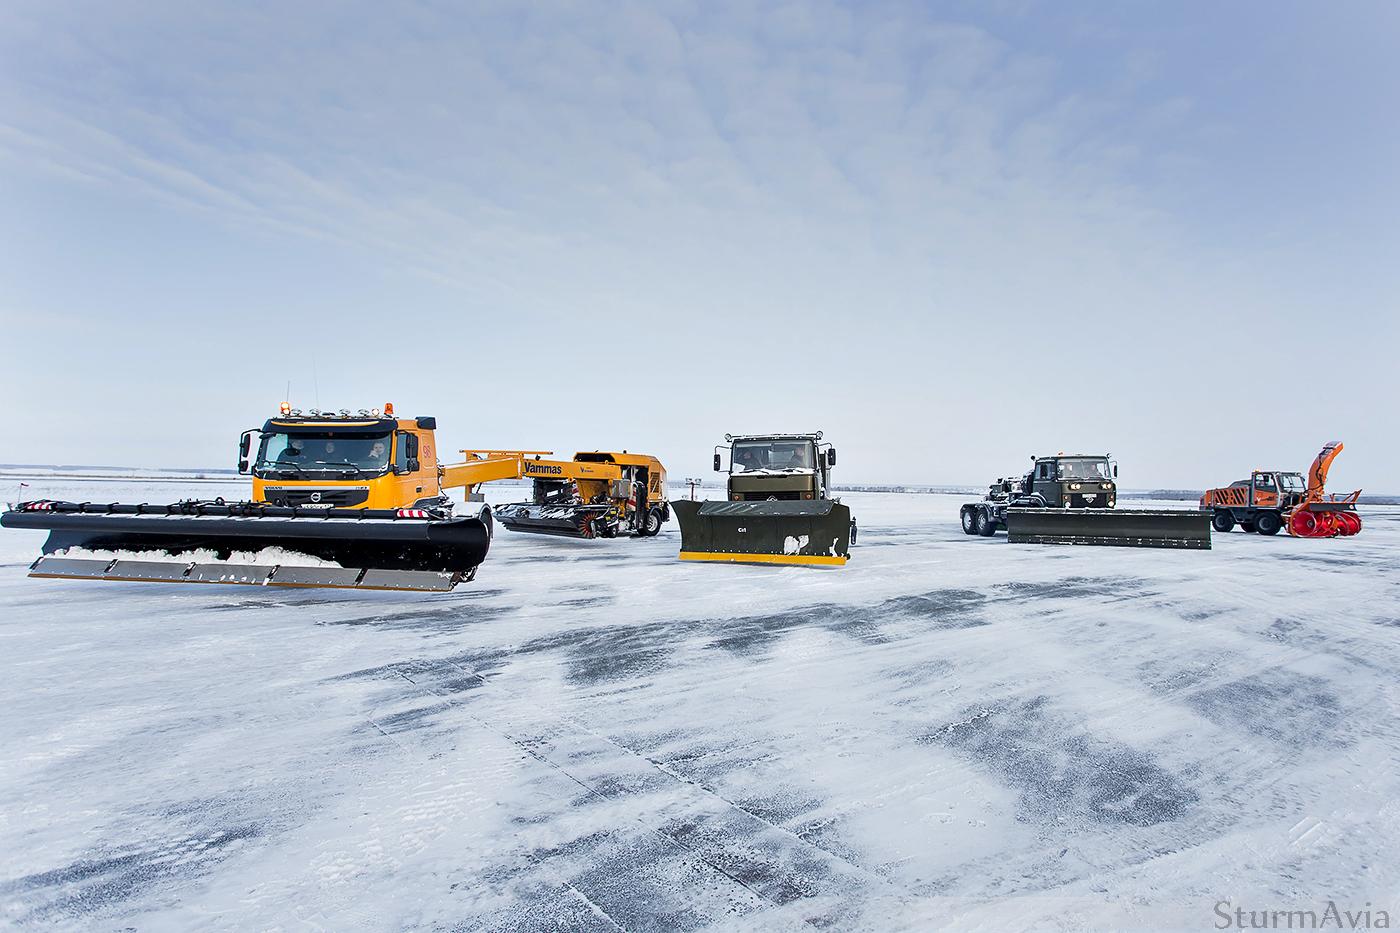 Показательные выступления аэродромной снегоуборочной техники. Аэропрт Челябинска!